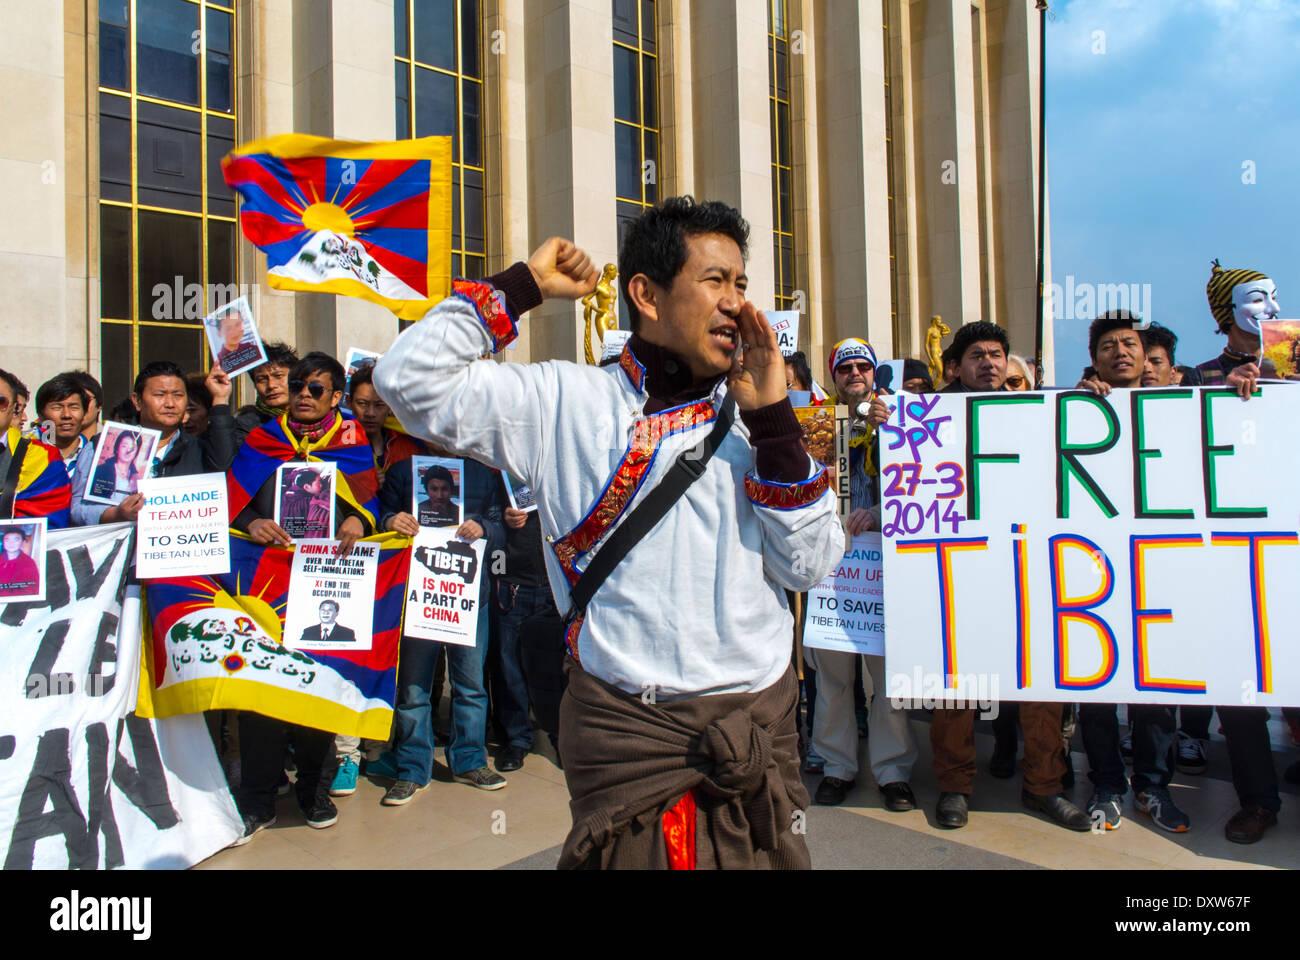 El Tibetano, taiwaneses comunidades étnicas de Francia, y sus amigos llamados para movilizar a los ciudadanos franceses durante la visita del presidente chino a París, Foto de stock